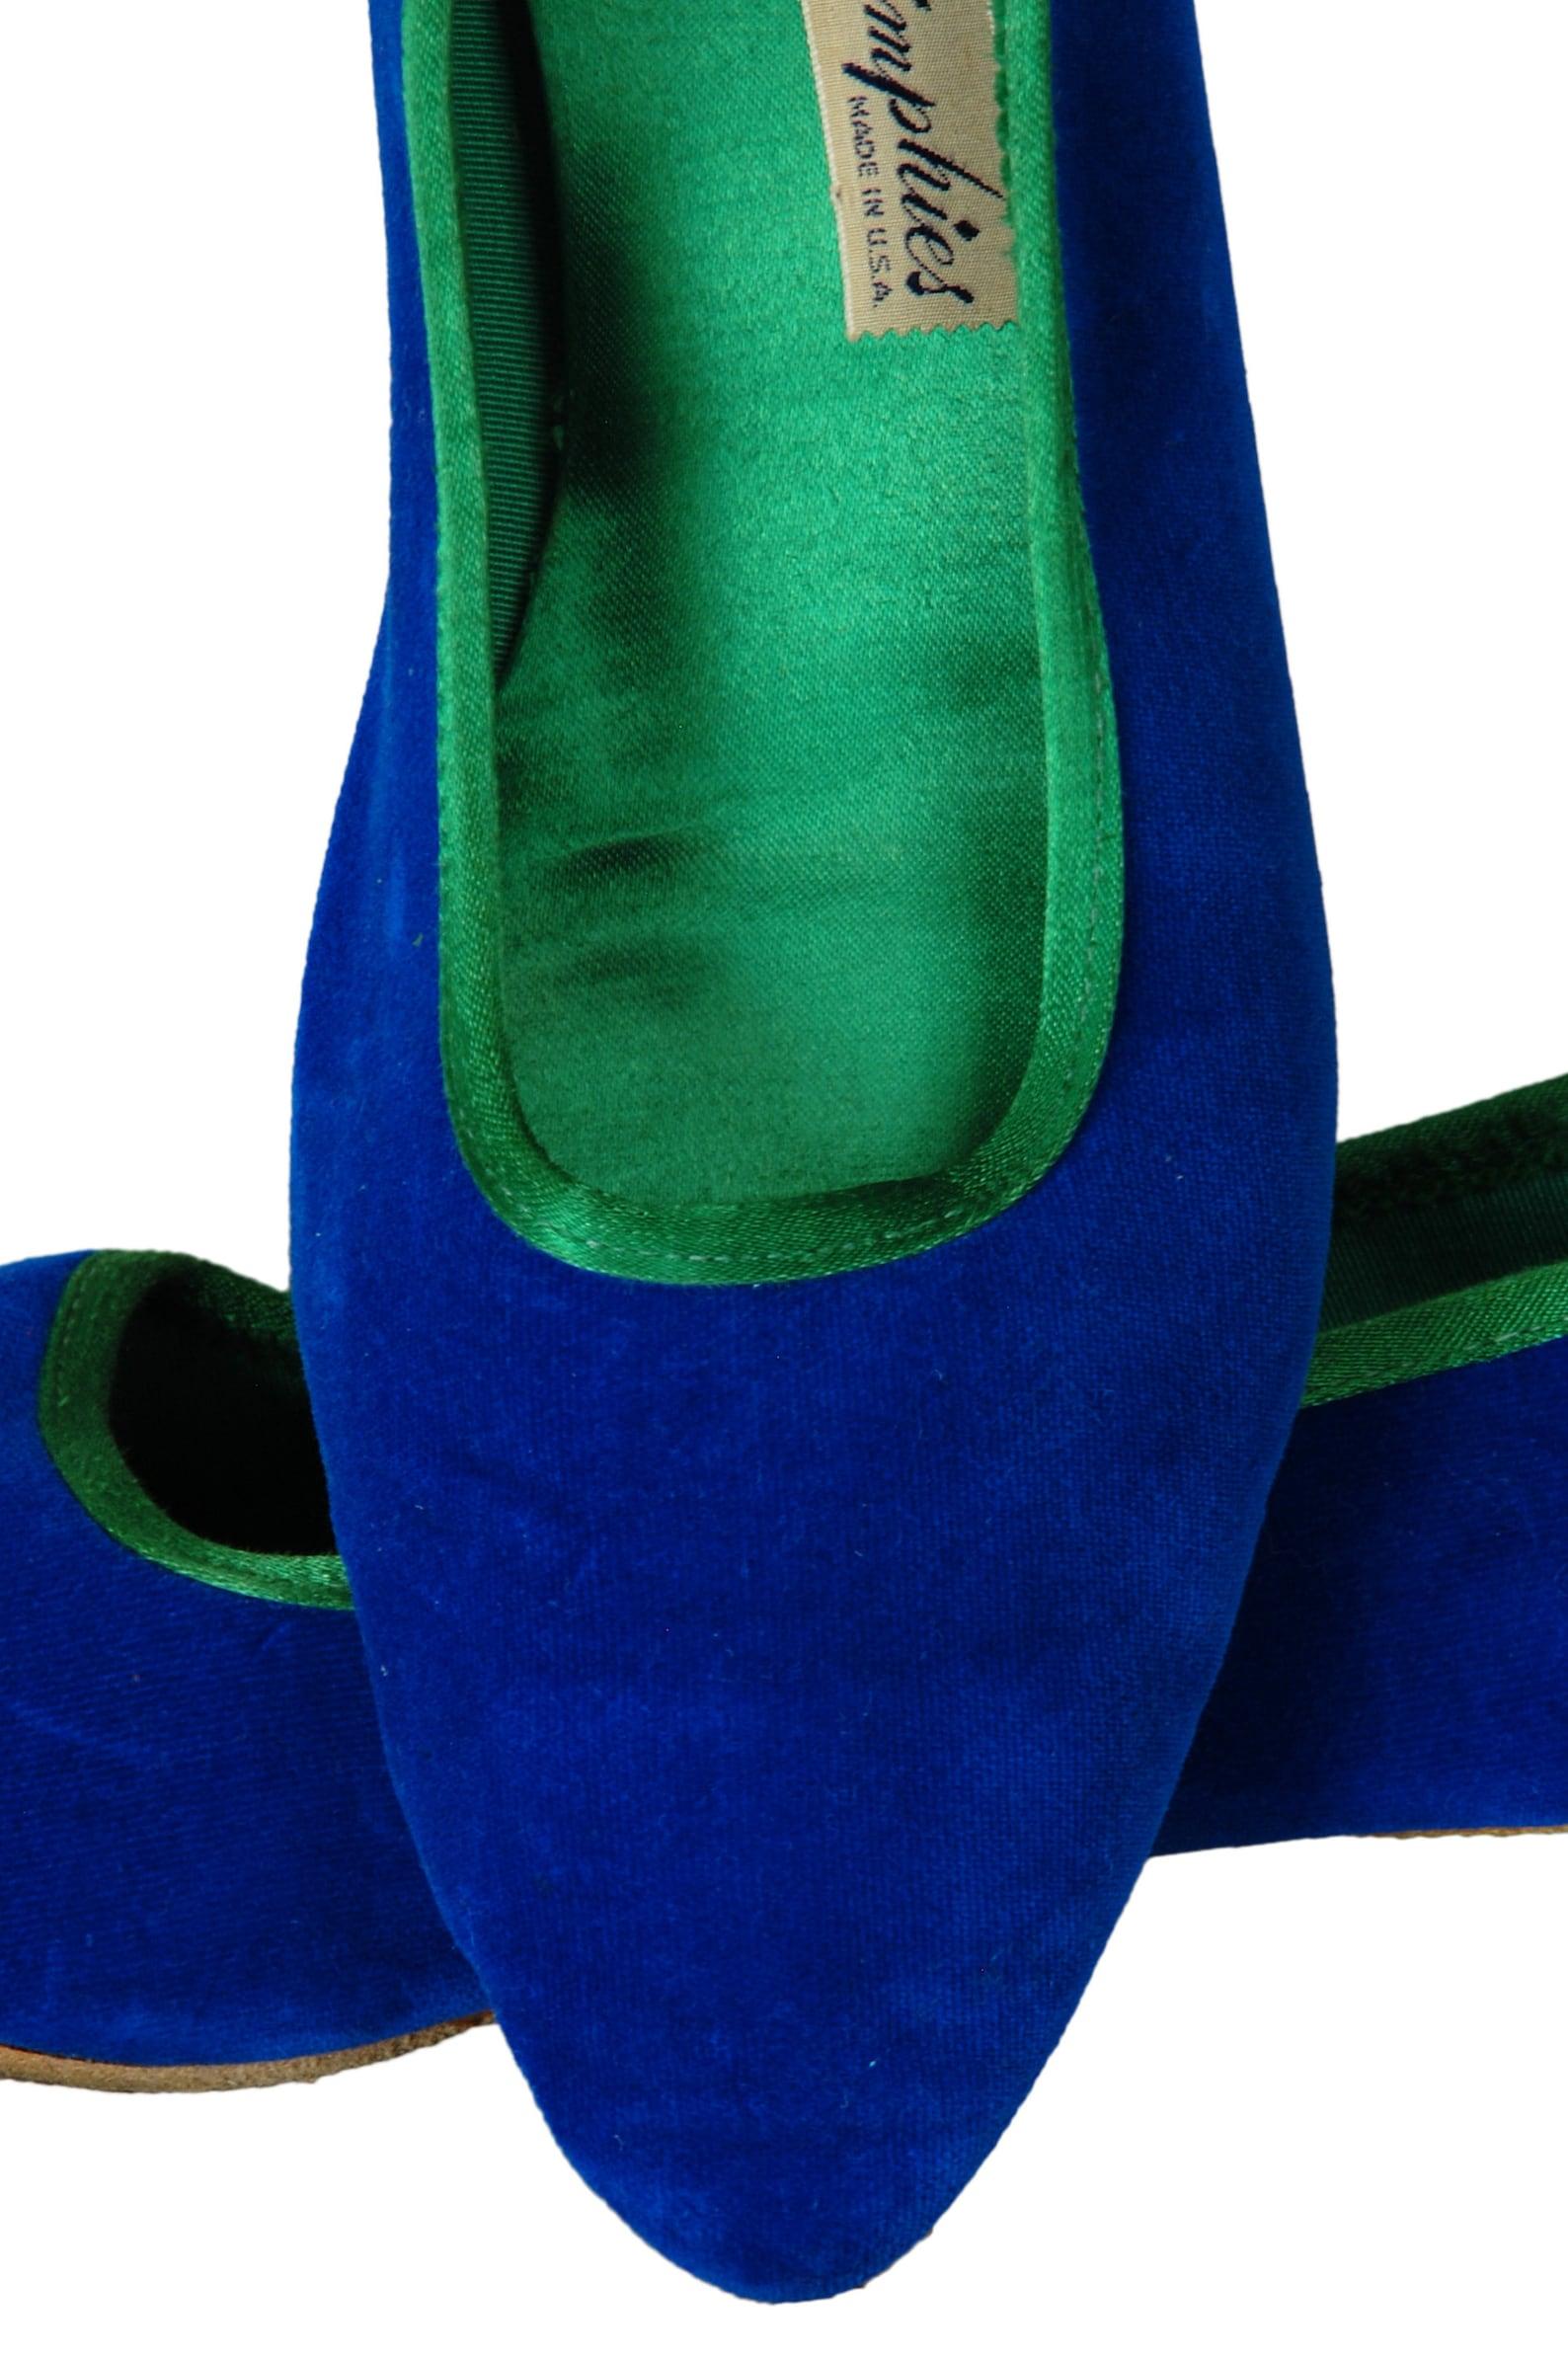 blue + green velvet and satin ballet flats, vintage 60s padded slippers slides, size 10